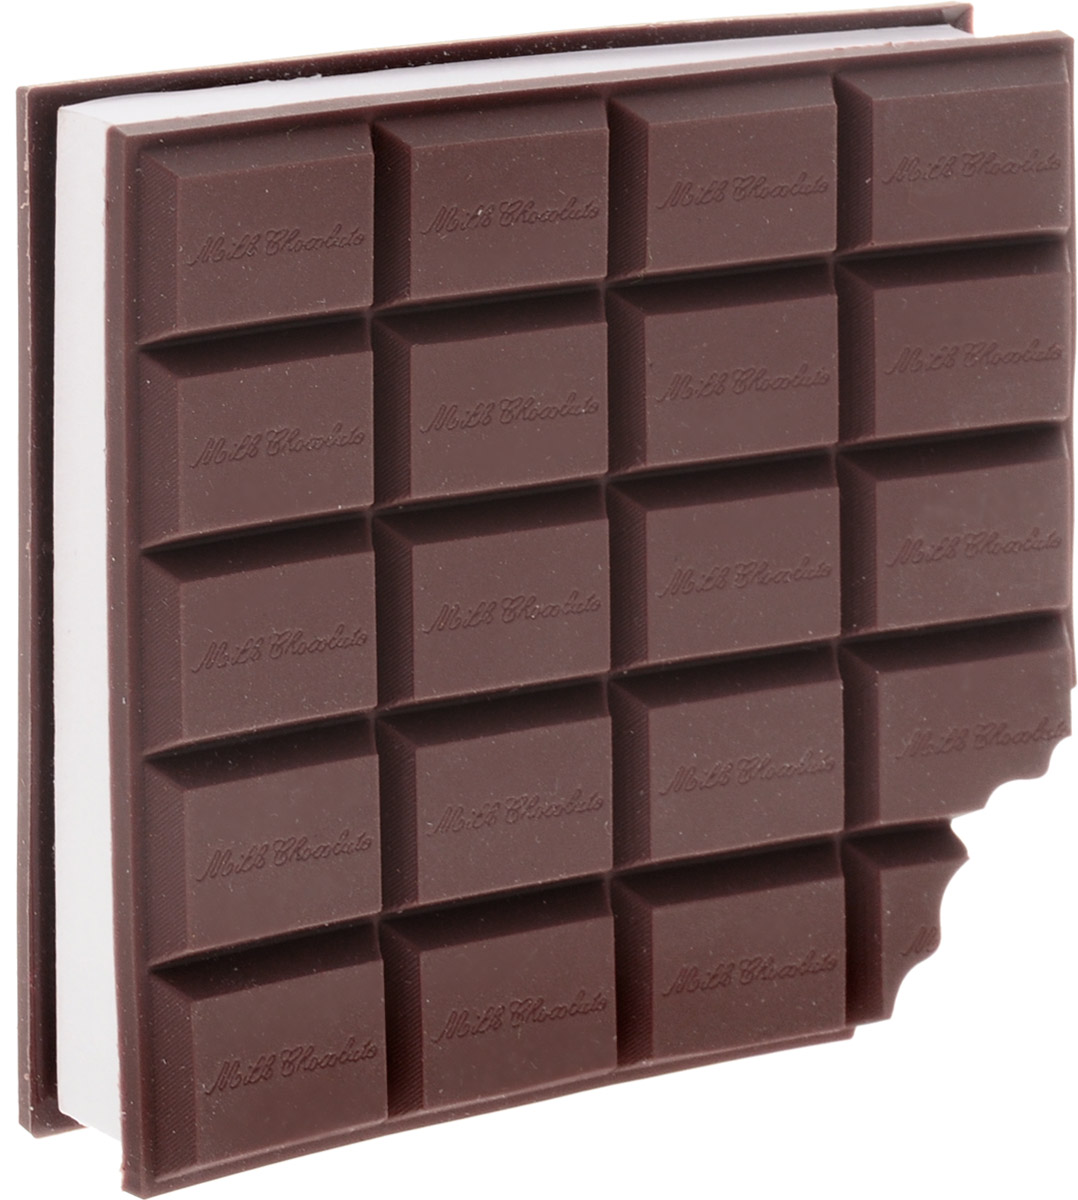 Эврика Блокнот Шоколад93980Блокнот в виде шоколадки станет прекрасным сувениром коллеге.Внутренний блок выполнен из белых листов без линовки.